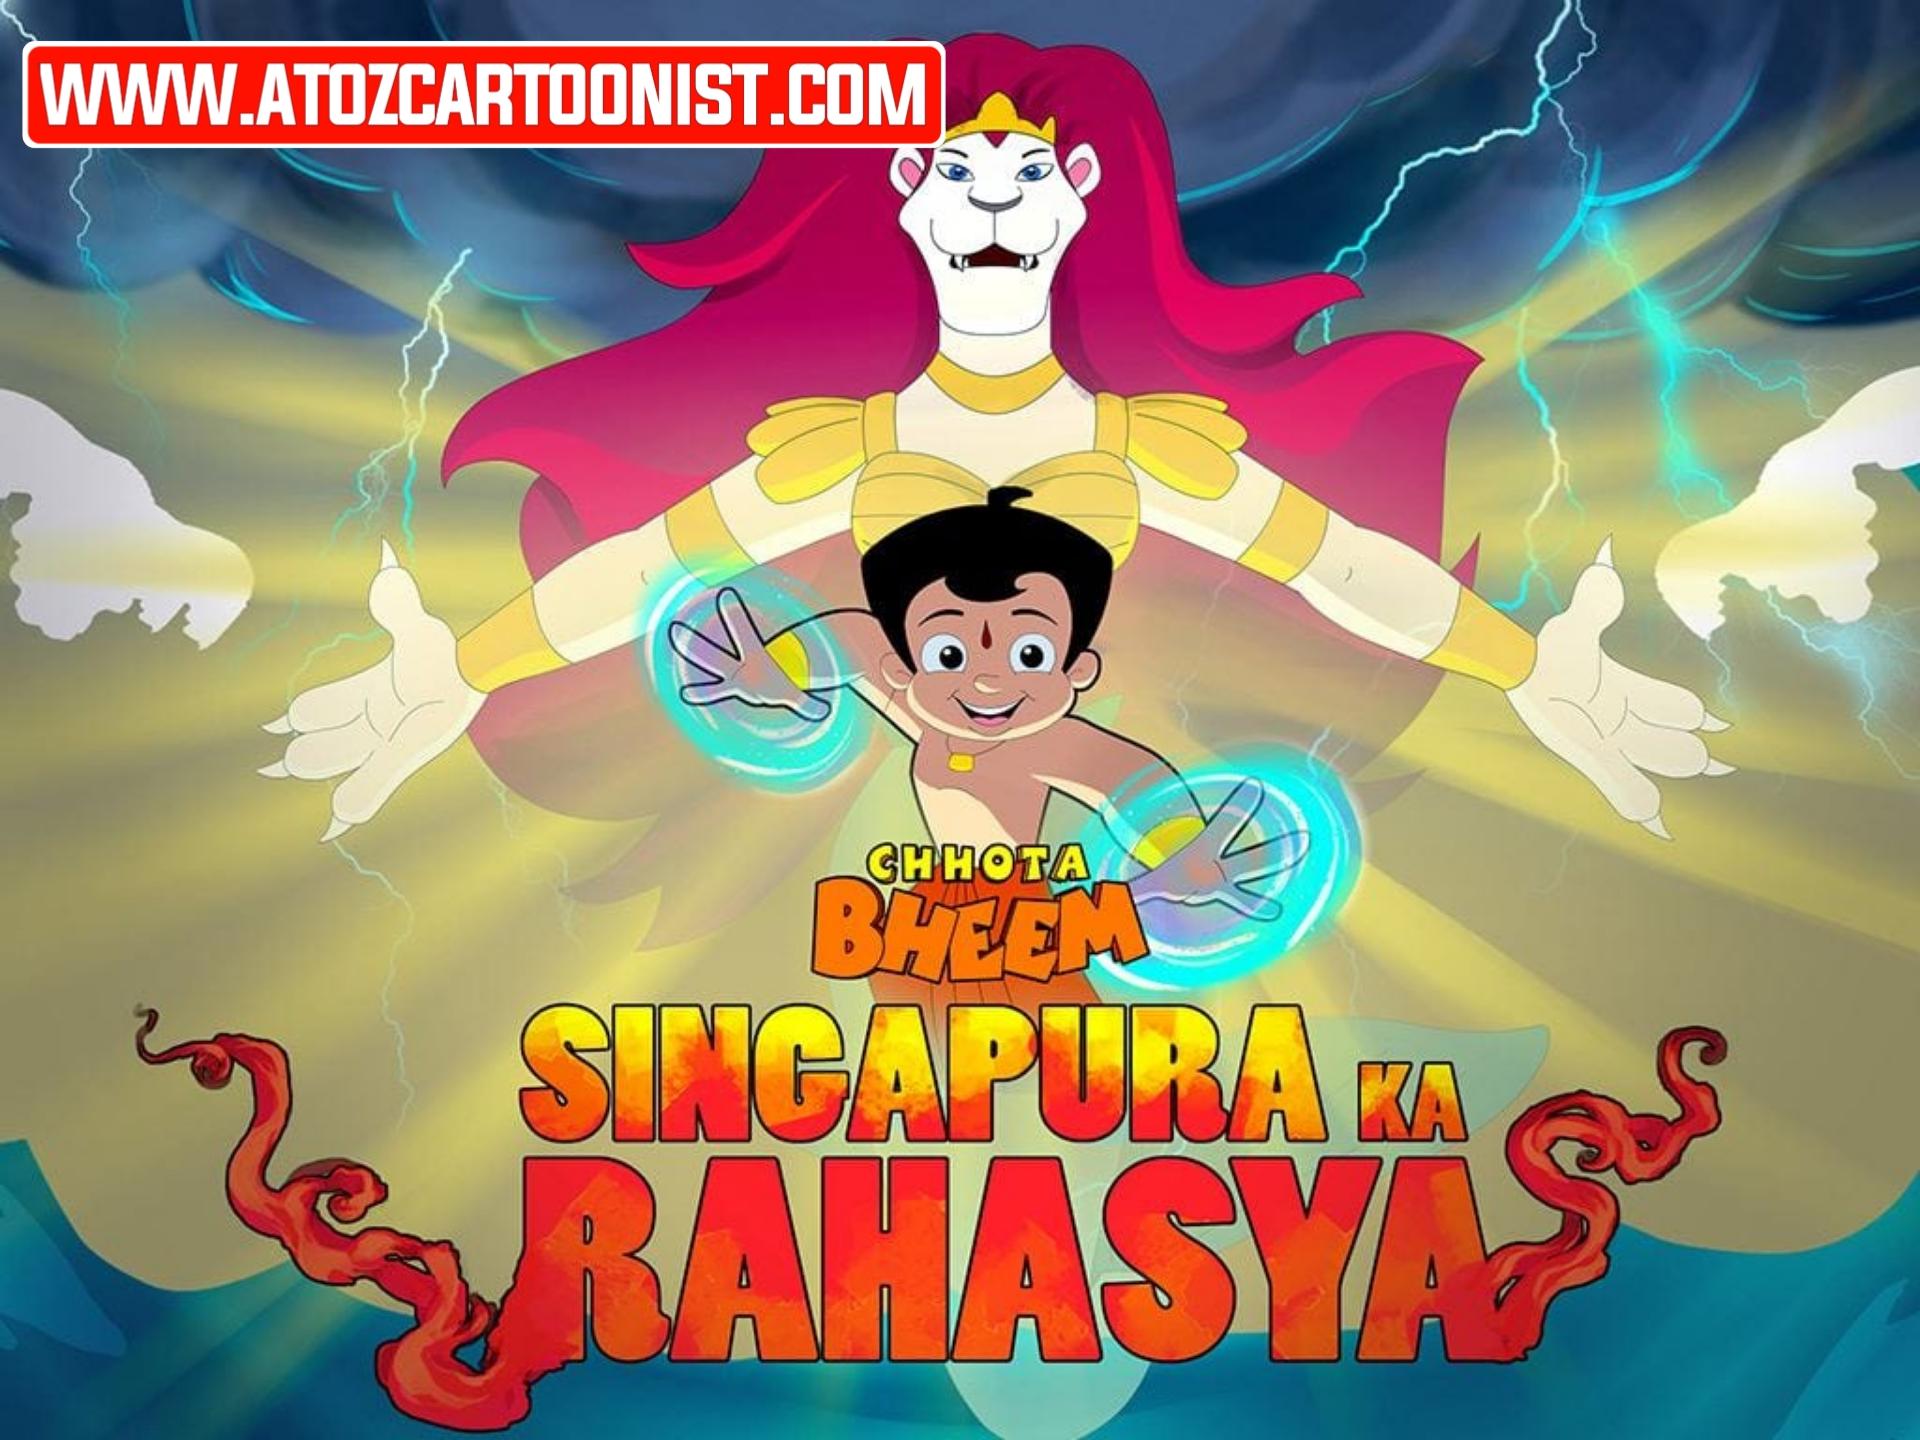 CHHOTA BHEEM : SINGAPURA KA RAHASYA FULL MOVIE IN HINDI & TAMIL DOWNLOAD (480P, 720P & 1080P)